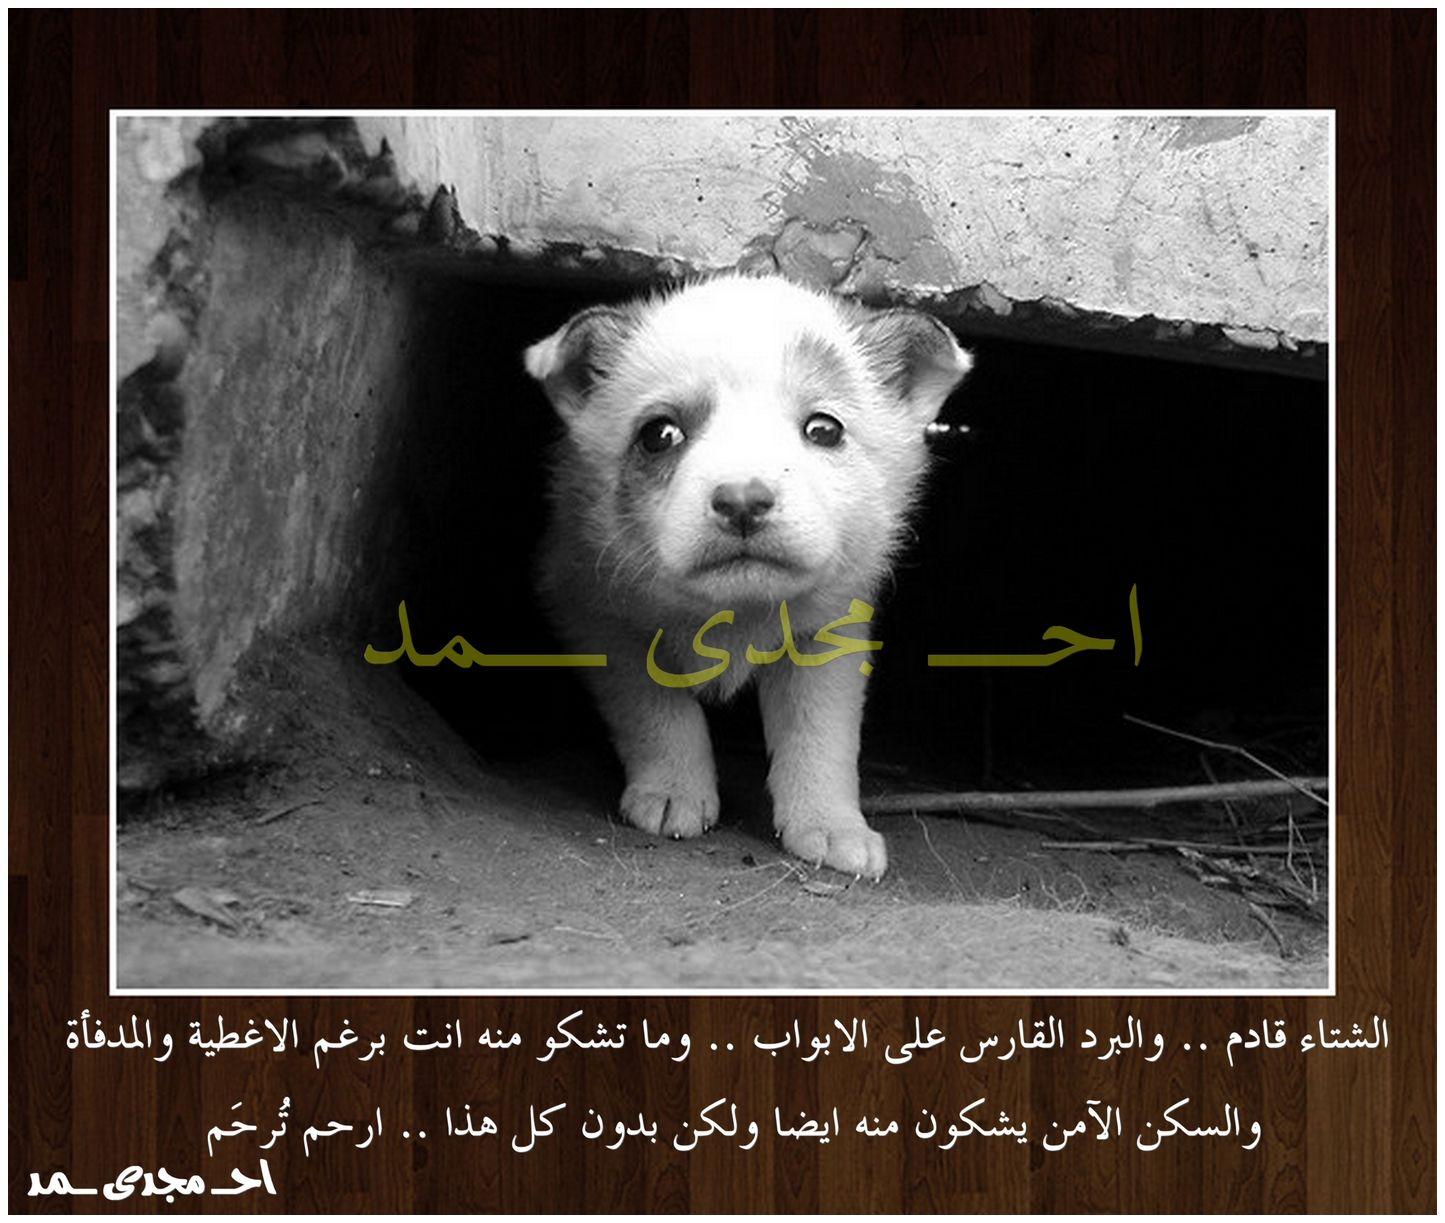 الرفق بالحيوان ارحموا من فى الارض اجعلها عادة الراحمون يرحمهم الرحمن الرحمة مصر Egypt Stray Animals Stray Animals Ferret Pig